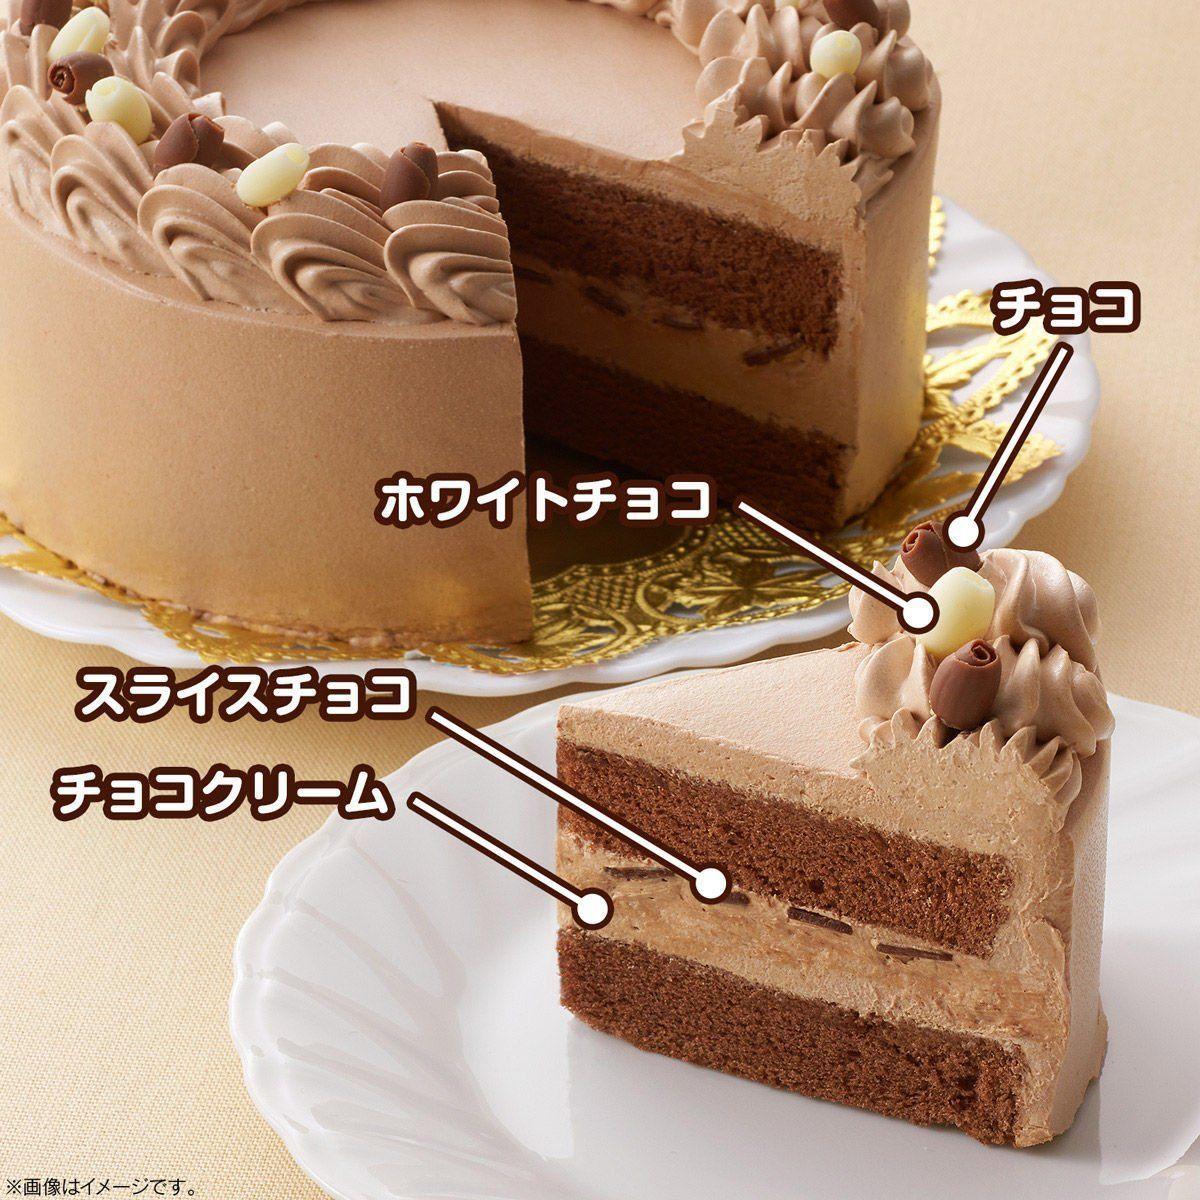 キャラデコパーティーケーキ  トロピカル〜ジュ!プリキュア (チョコクリーム)(5号サイズ)_7